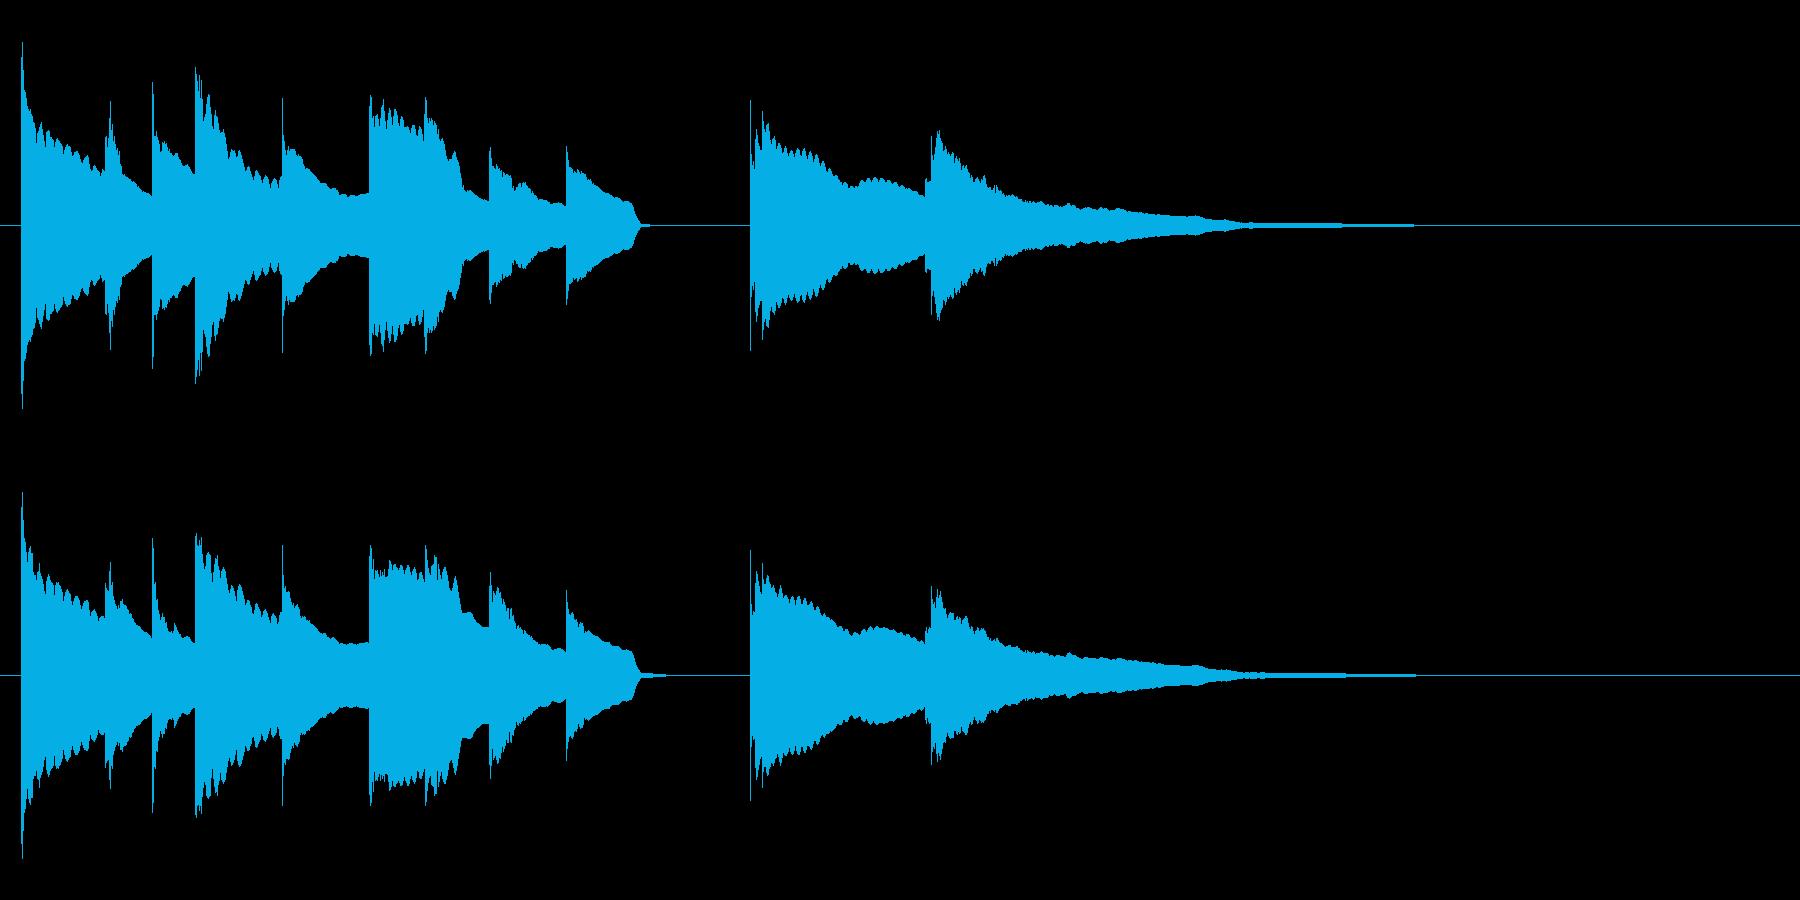 エンディング E. ピアノソロ おやすみの再生済みの波形